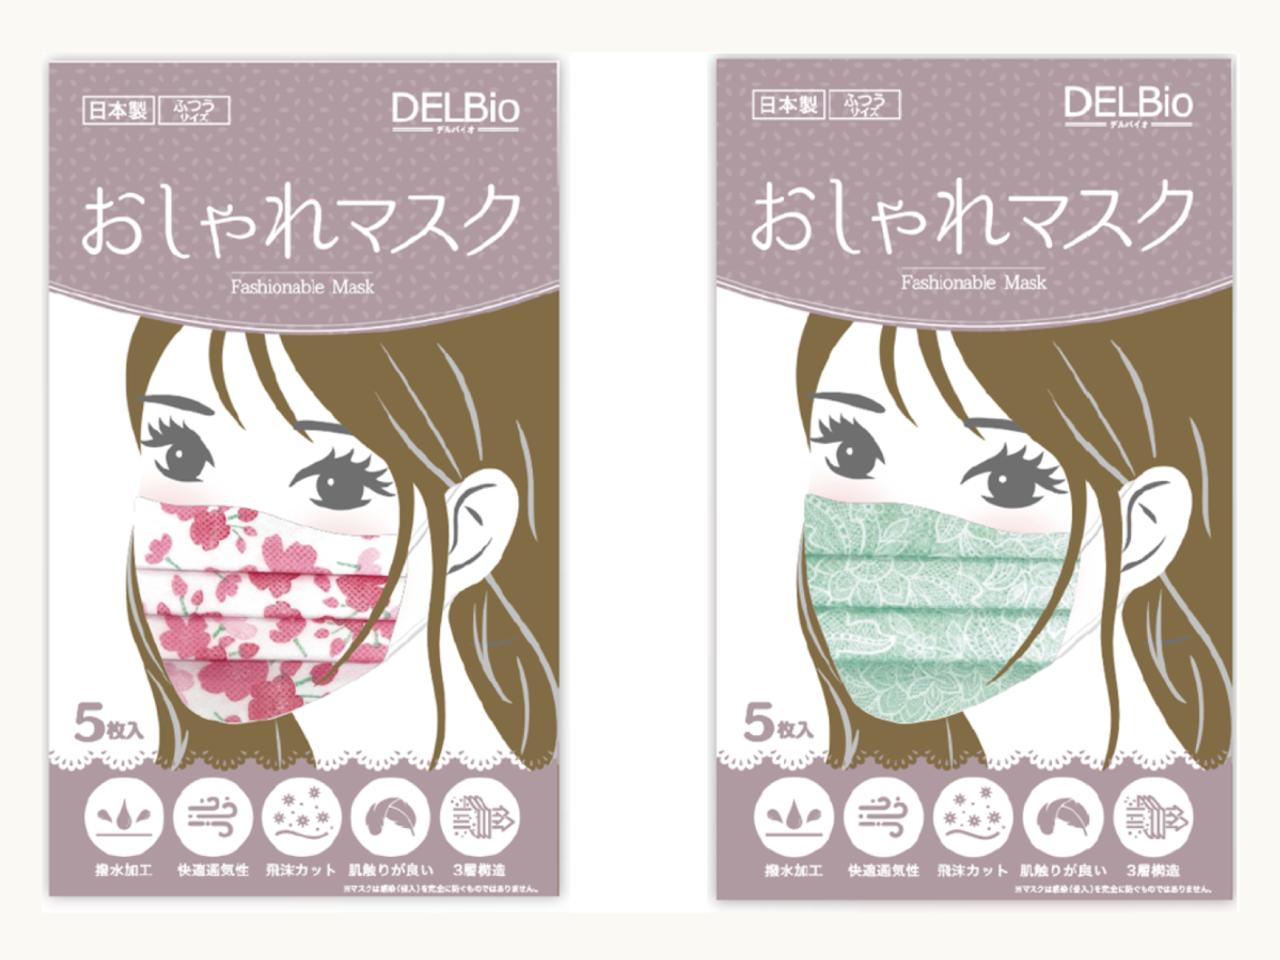 サクラ柄、グリーンレース柄の2種類。「おしゃれマスク」春バージョンを販売開始。